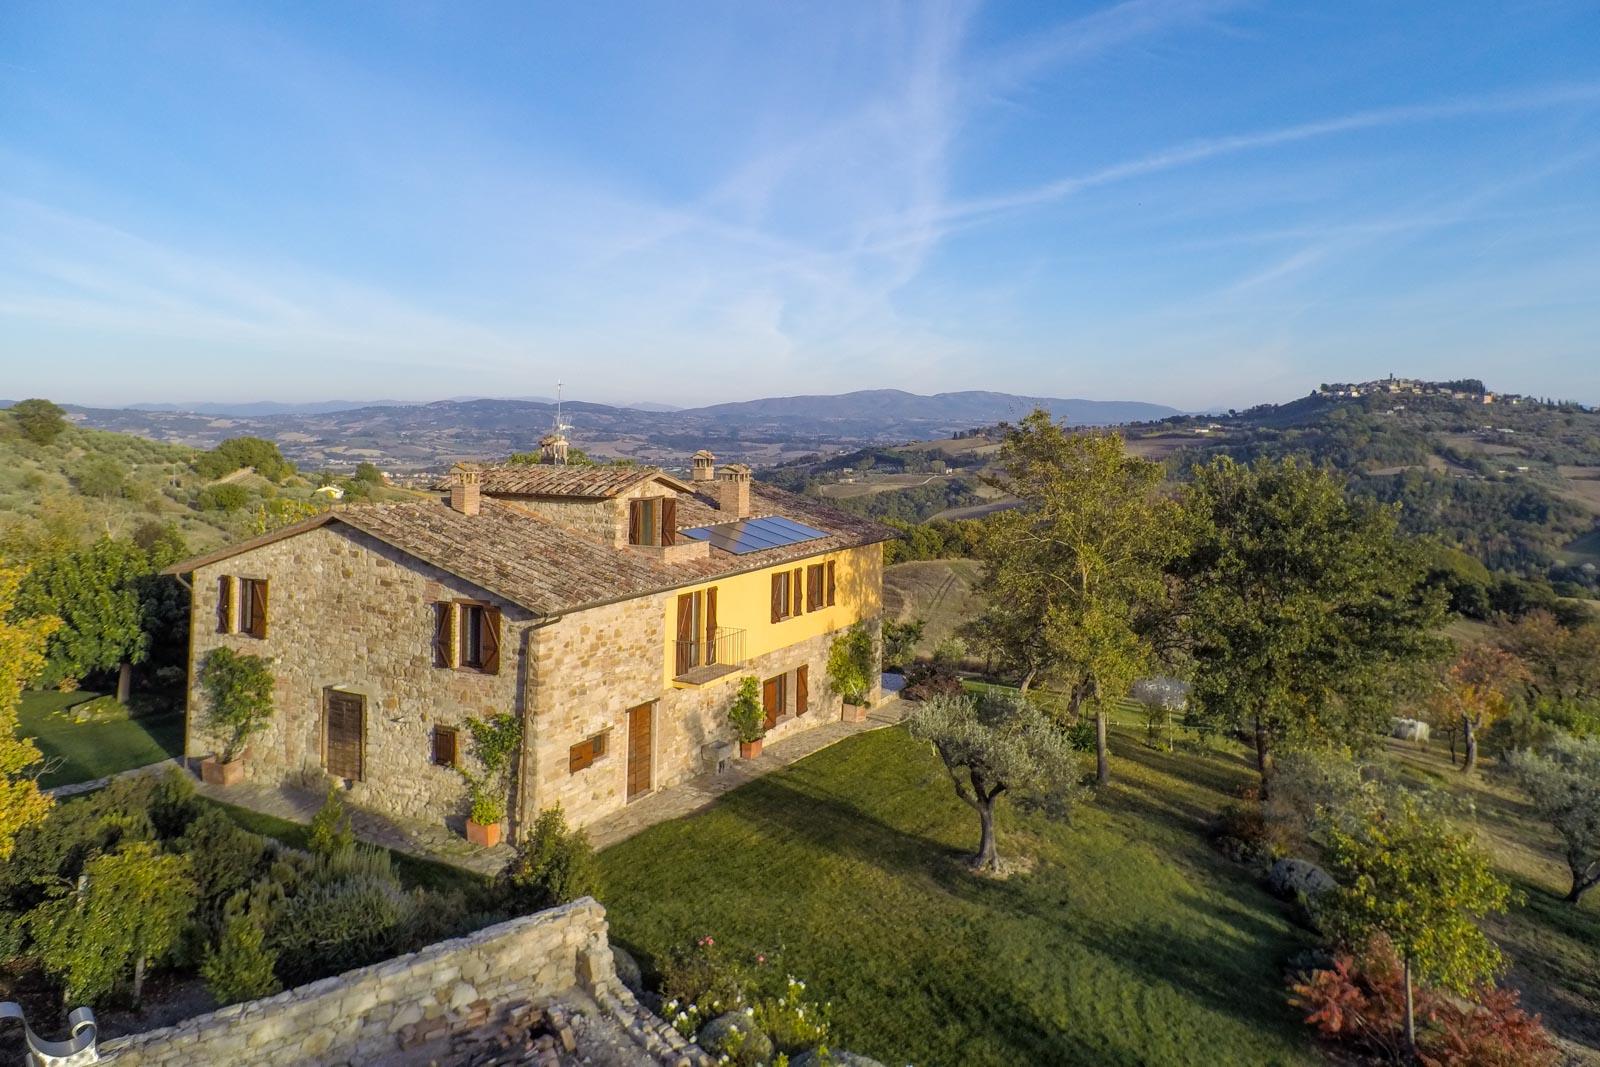 Stilvoll restauriertes Landhaus mit Whirlpool im Freien, in Hügellage mit herrlichem Blick in der Nähe von Todi